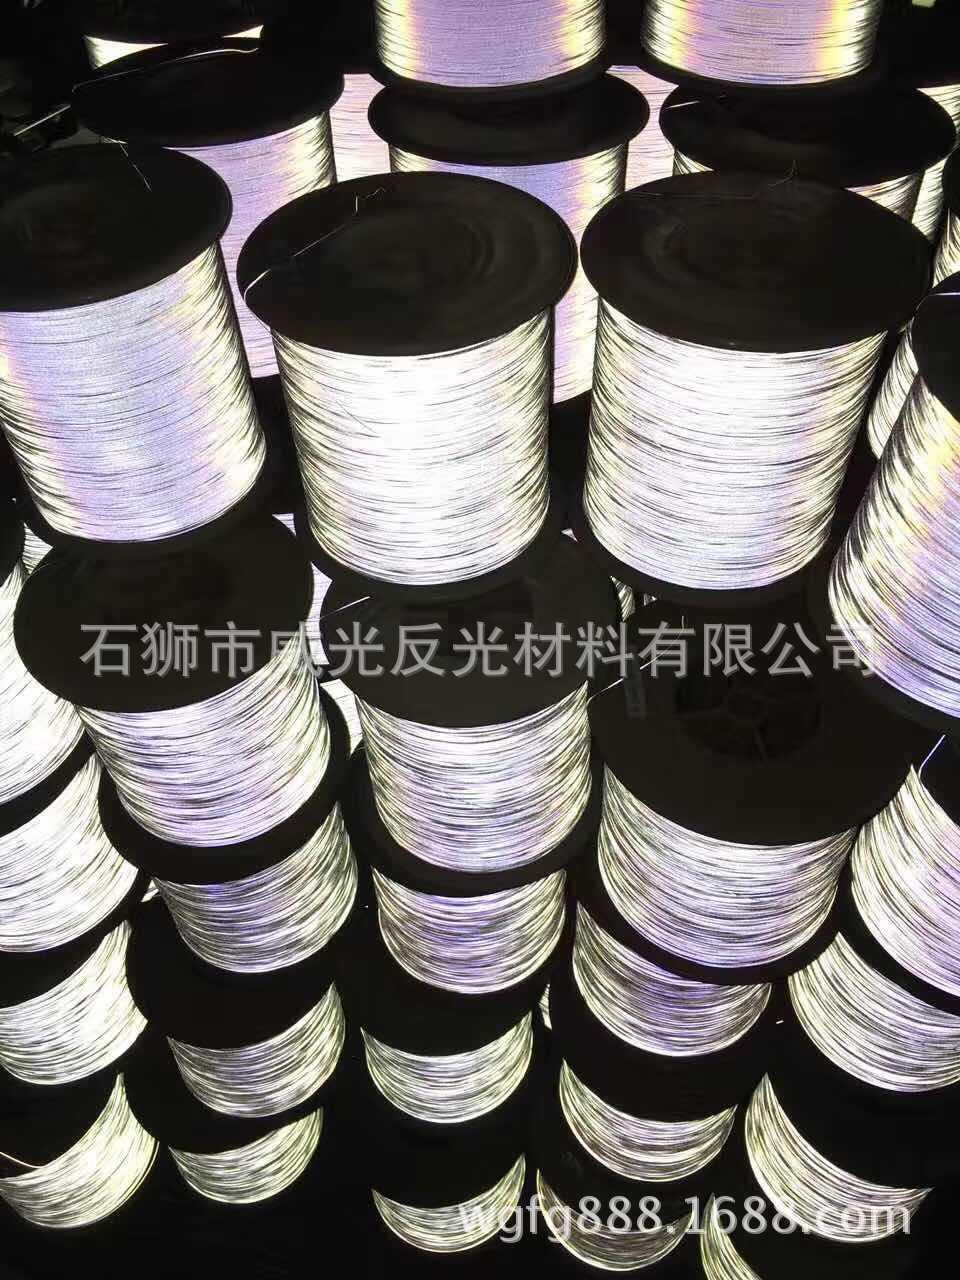 厂家消费高亮双面反光丝反光切丝膜 优质反光丝 银灰色